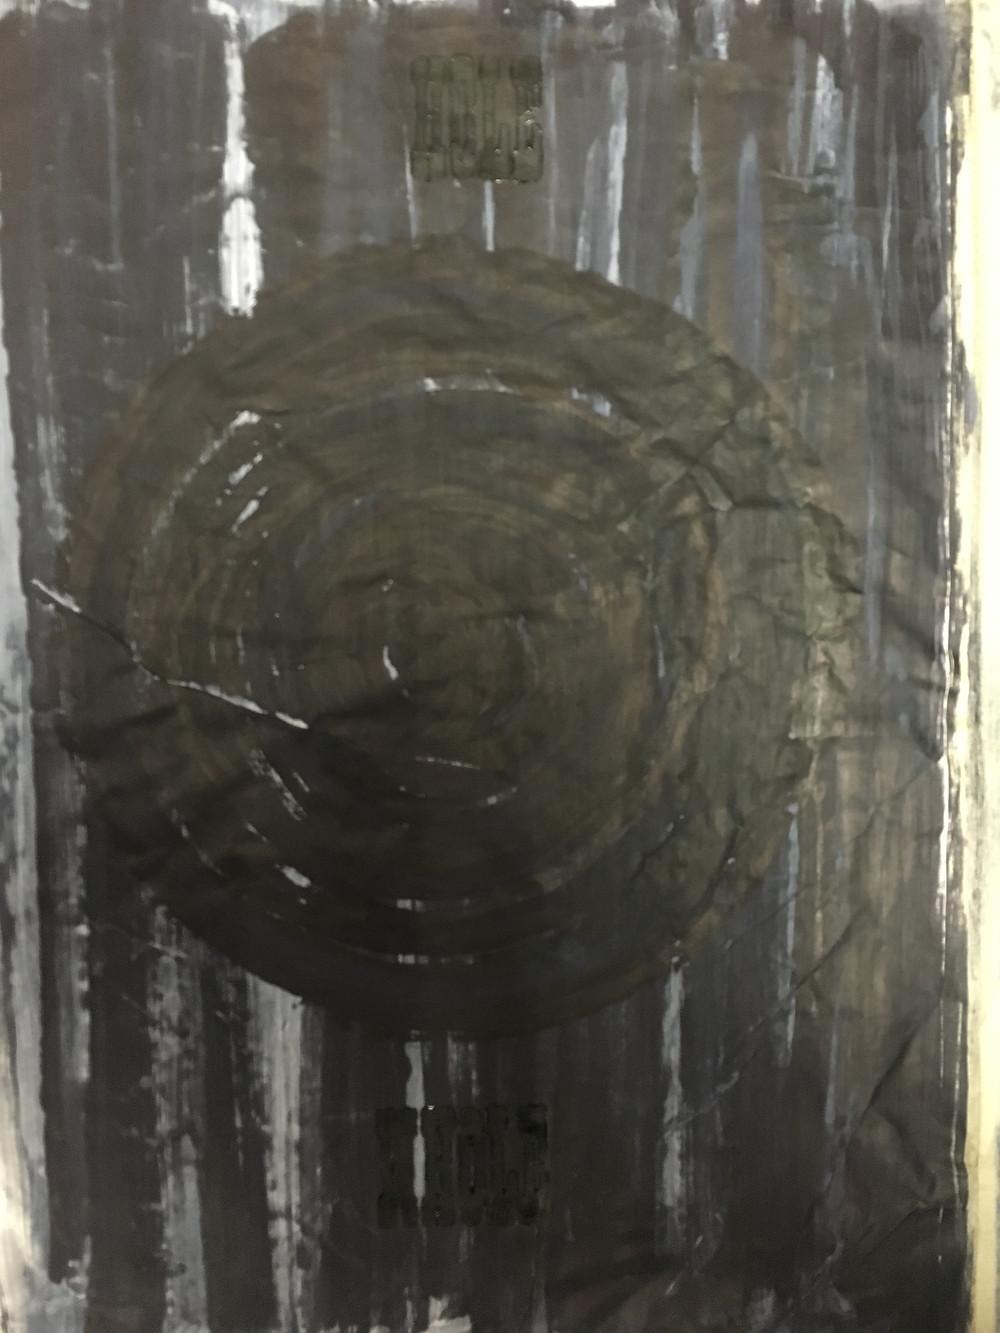 Ash drawing Hole / Whole